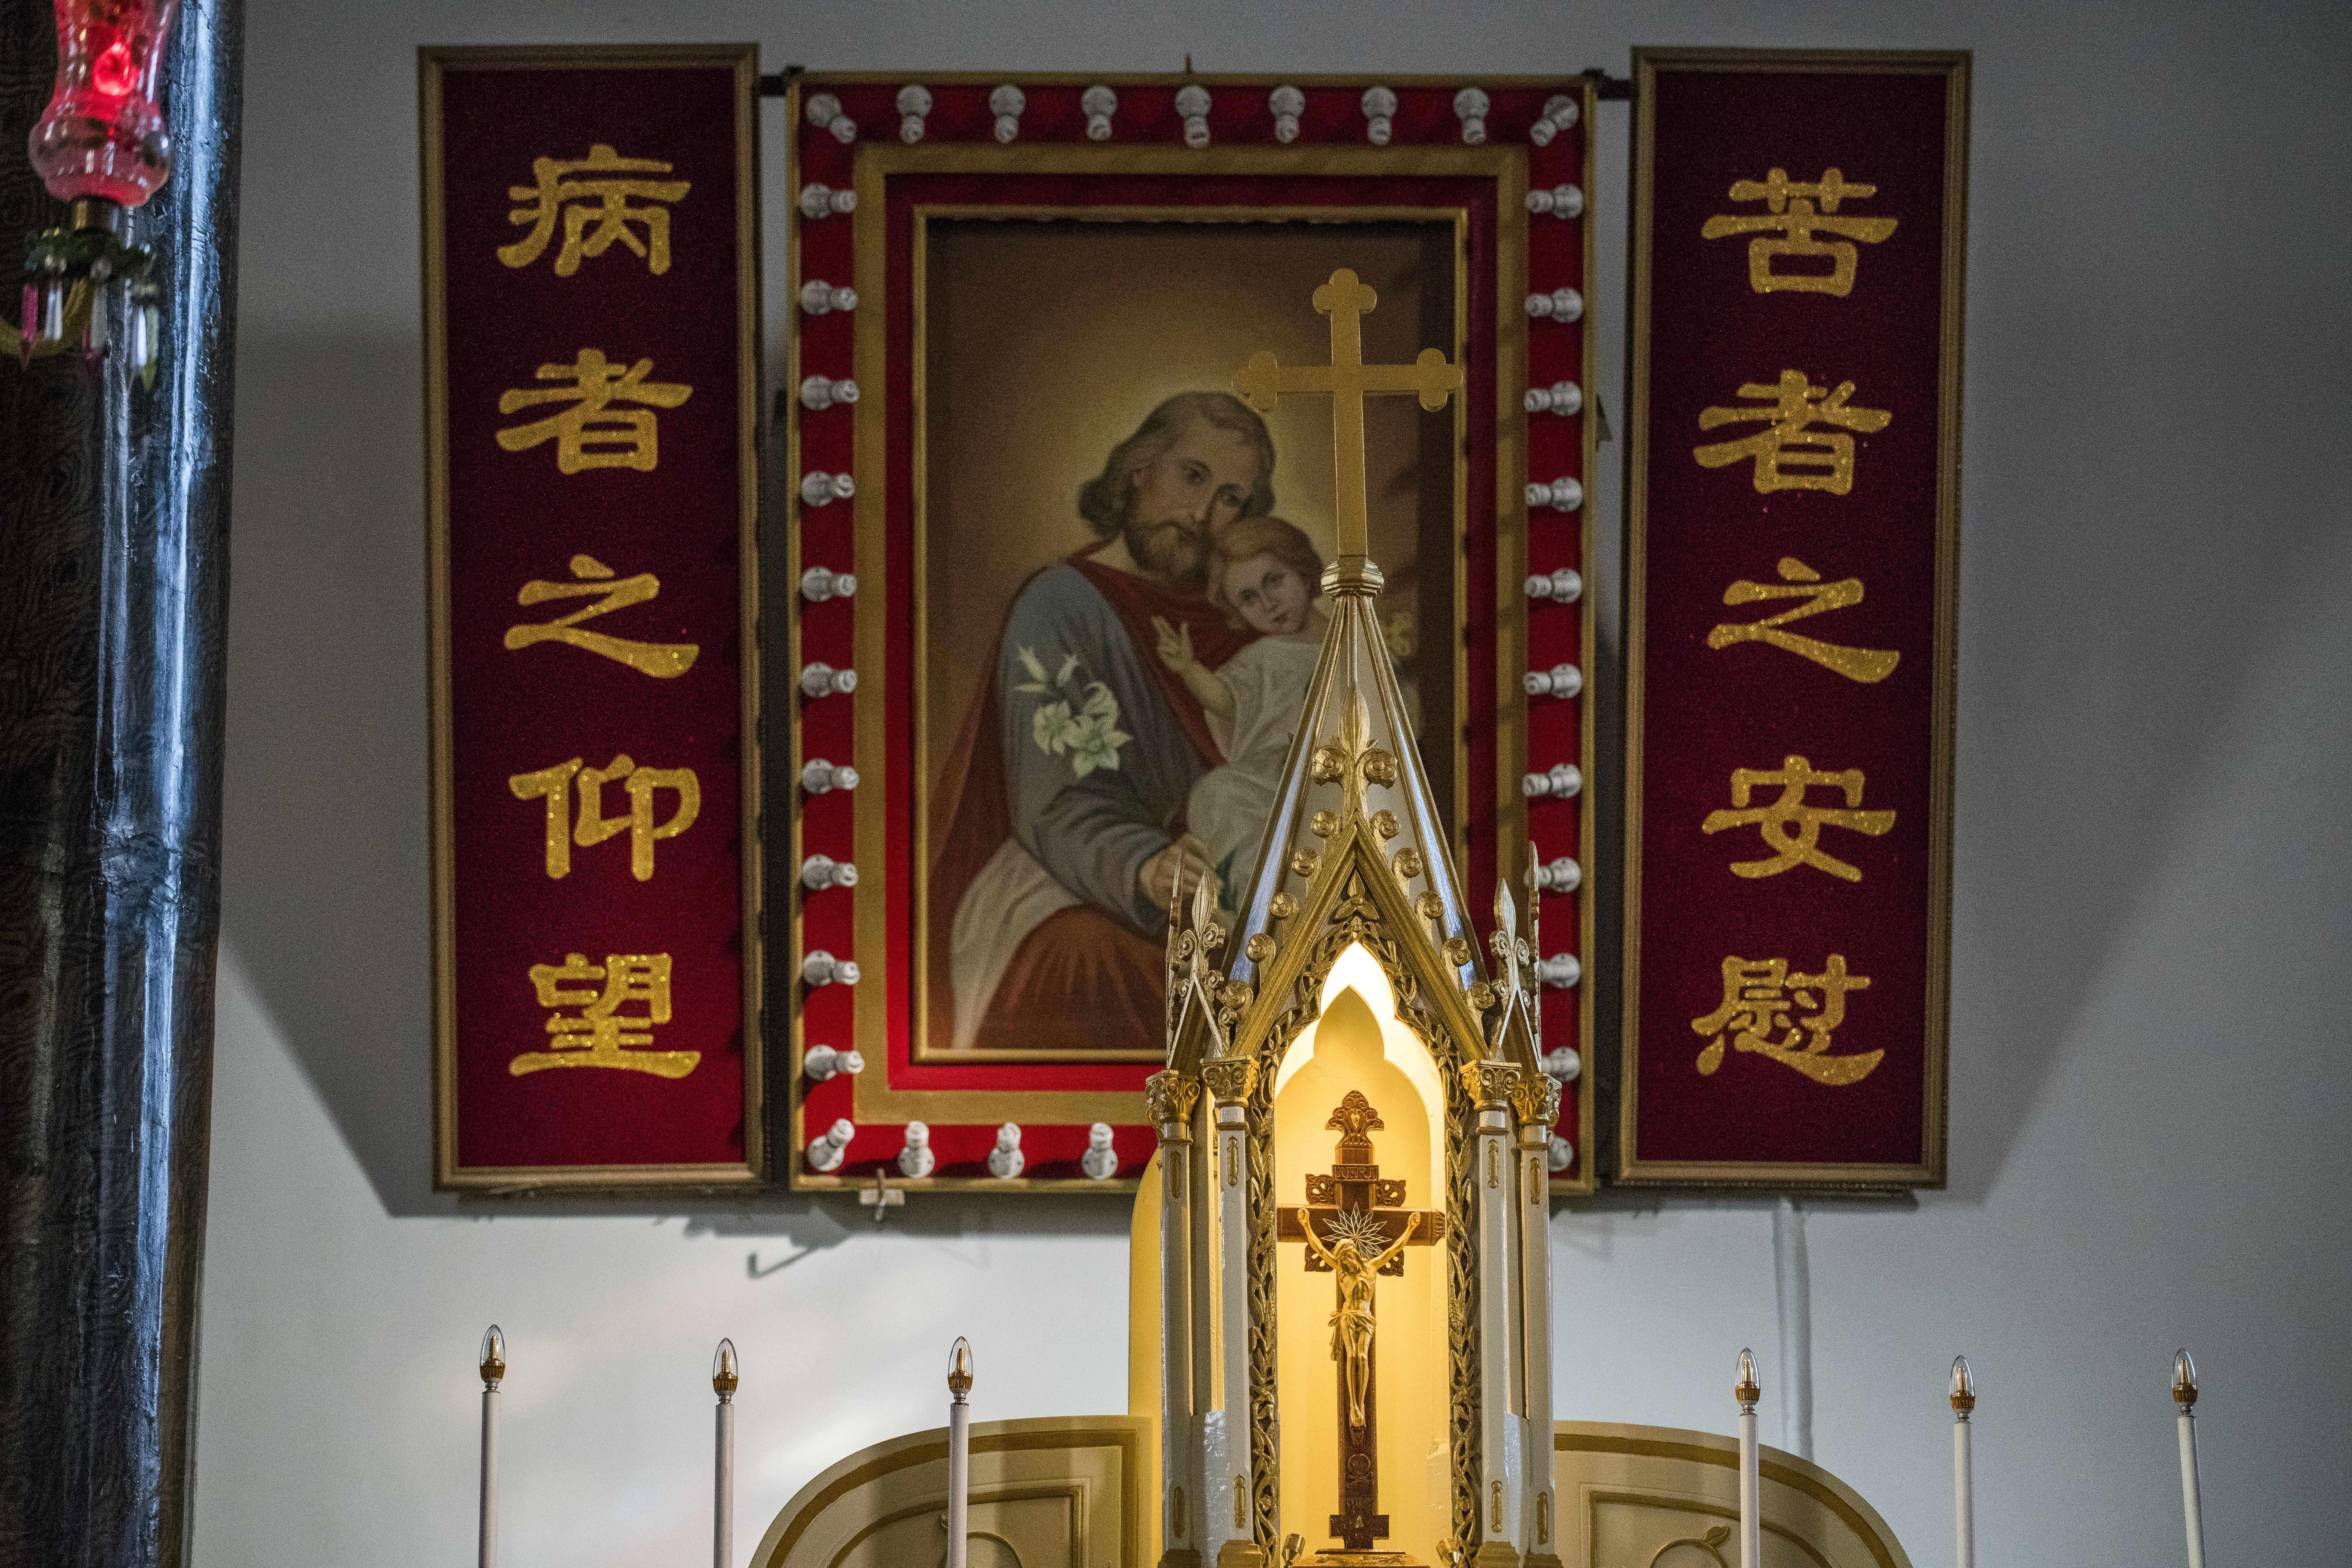 Un retrato de Jesús y José, como los que han sido reemplazados con fotos del presidente Xi Jinping(AFP)